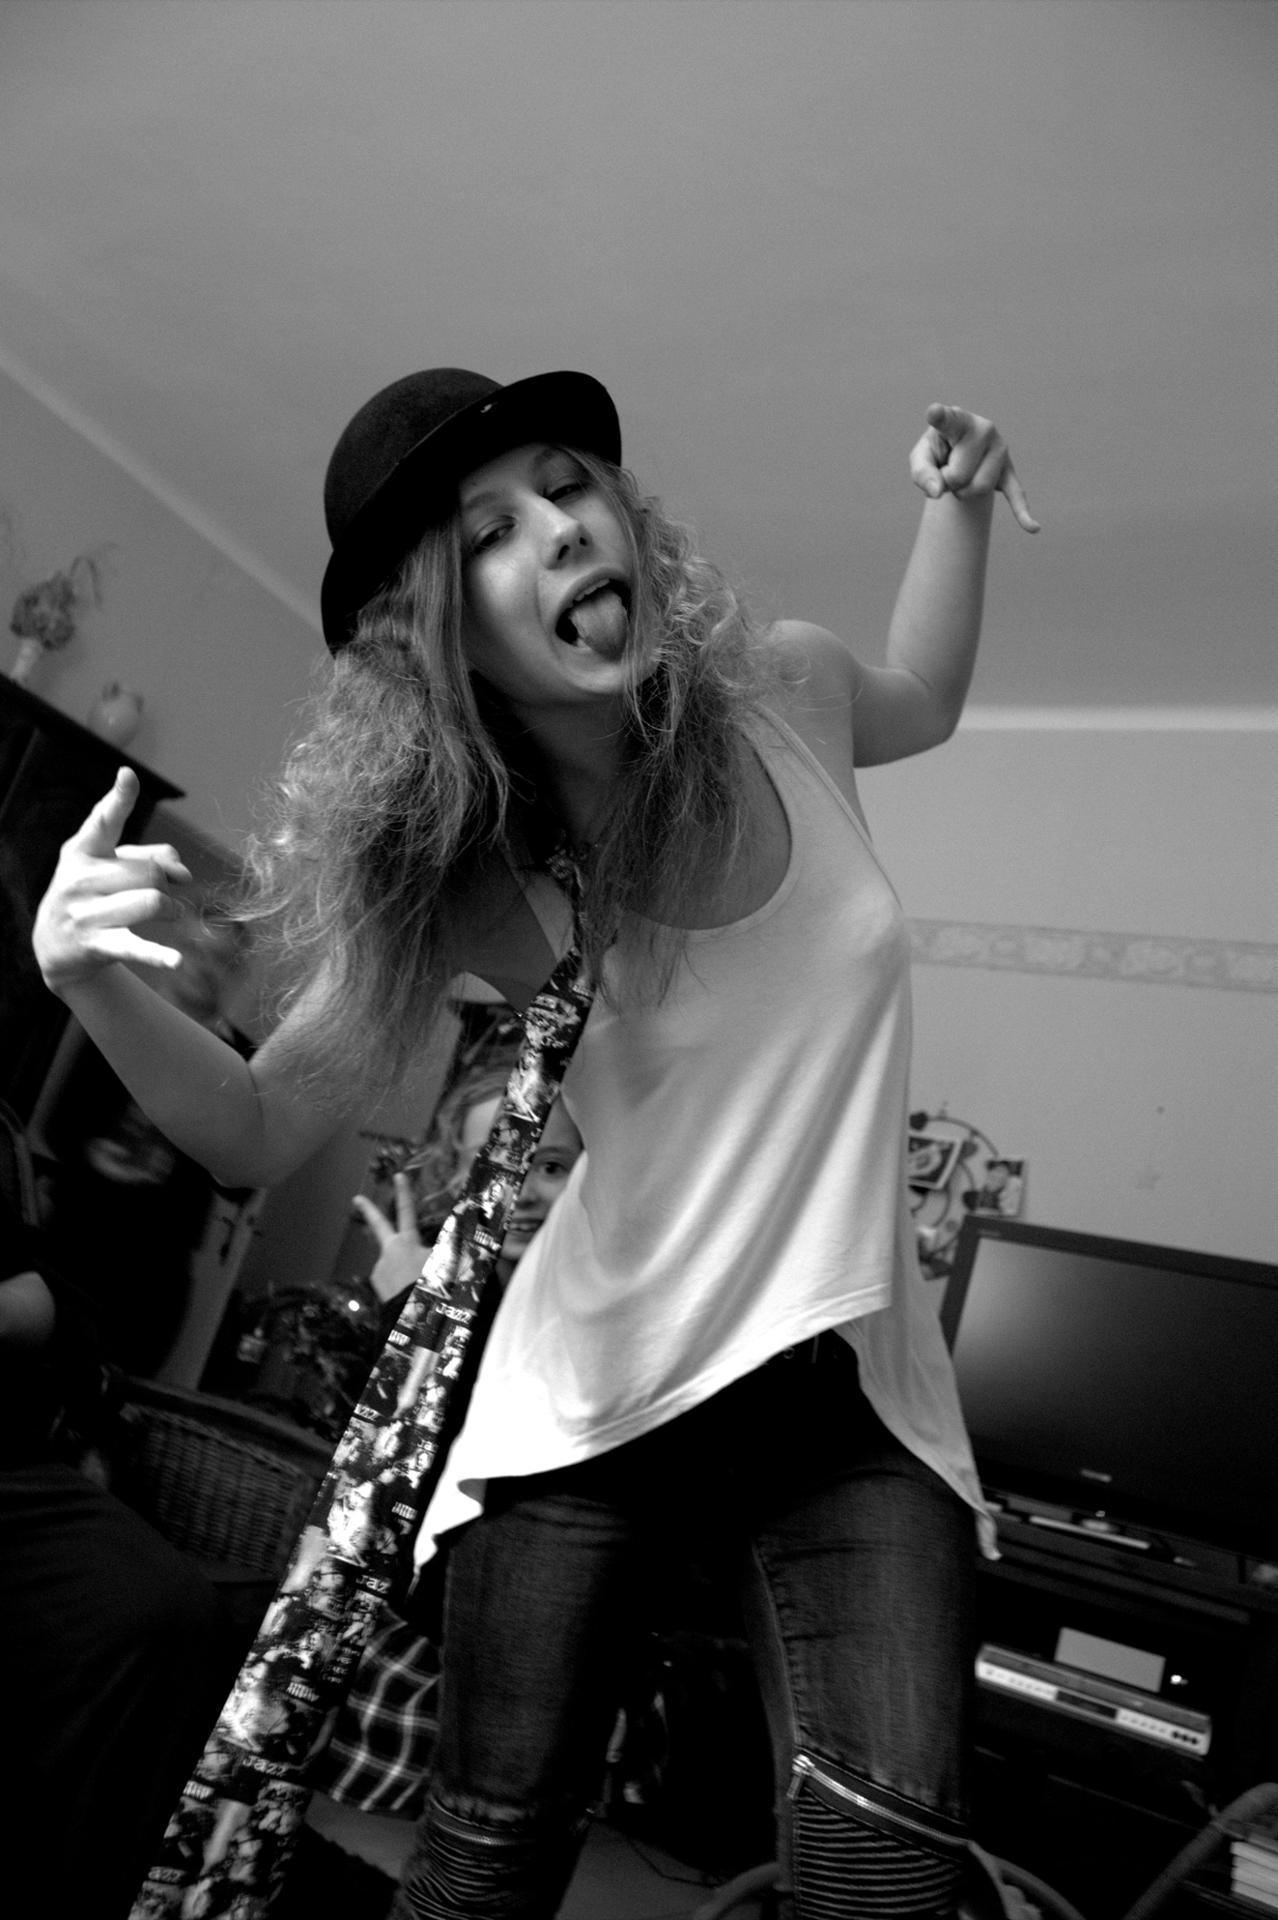 Rock'n Folle